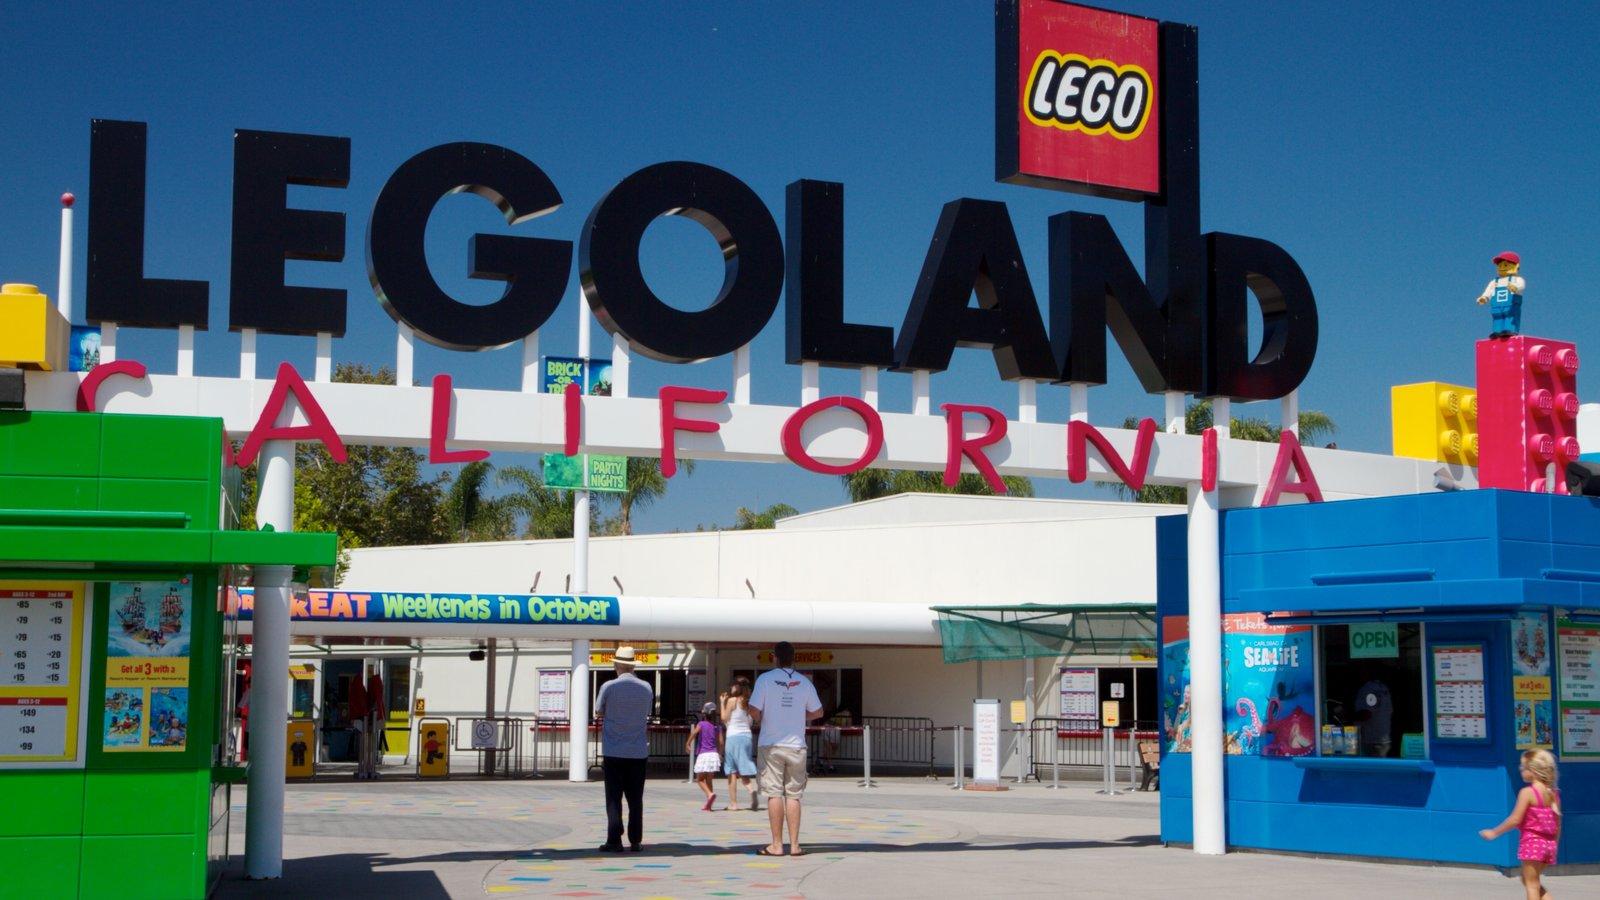 Legoland California caracterizando sinalização e passeios